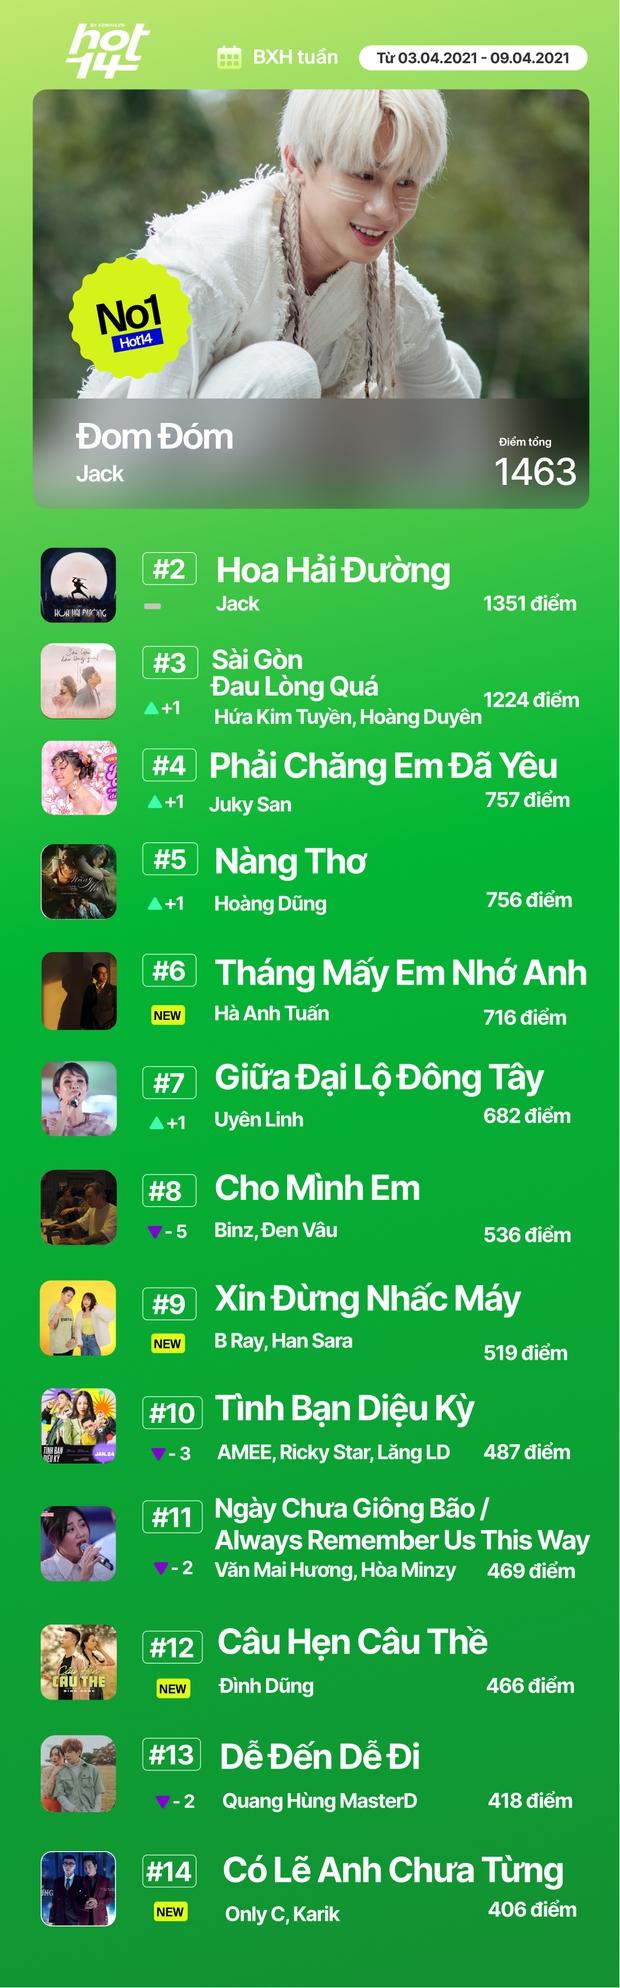 Hà Anh Tuấn bất ngờ debut hạng cao, Jack suýt mất No.1 về tay hit Sài Gòn Đau Lòng Quá và 5 nhân tố mới tại HOT14 - Ảnh 17.